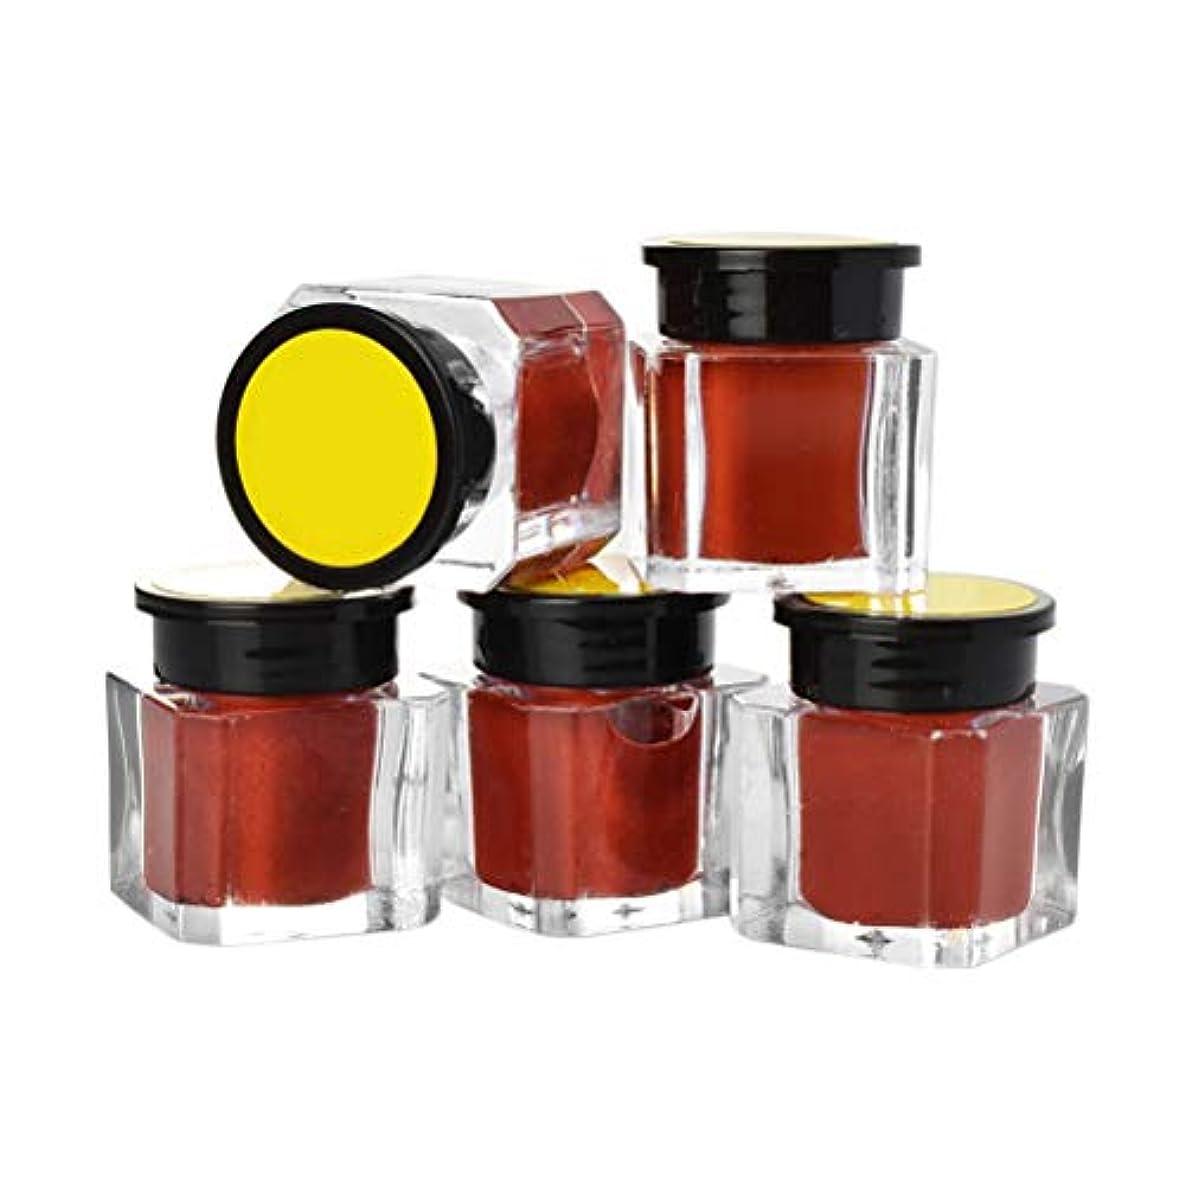 和らげるその後基礎SUPVOX 5本タトゥー顔料インク眉アイライナーボディーアート塗料マイクロブレード色(コーヒー)